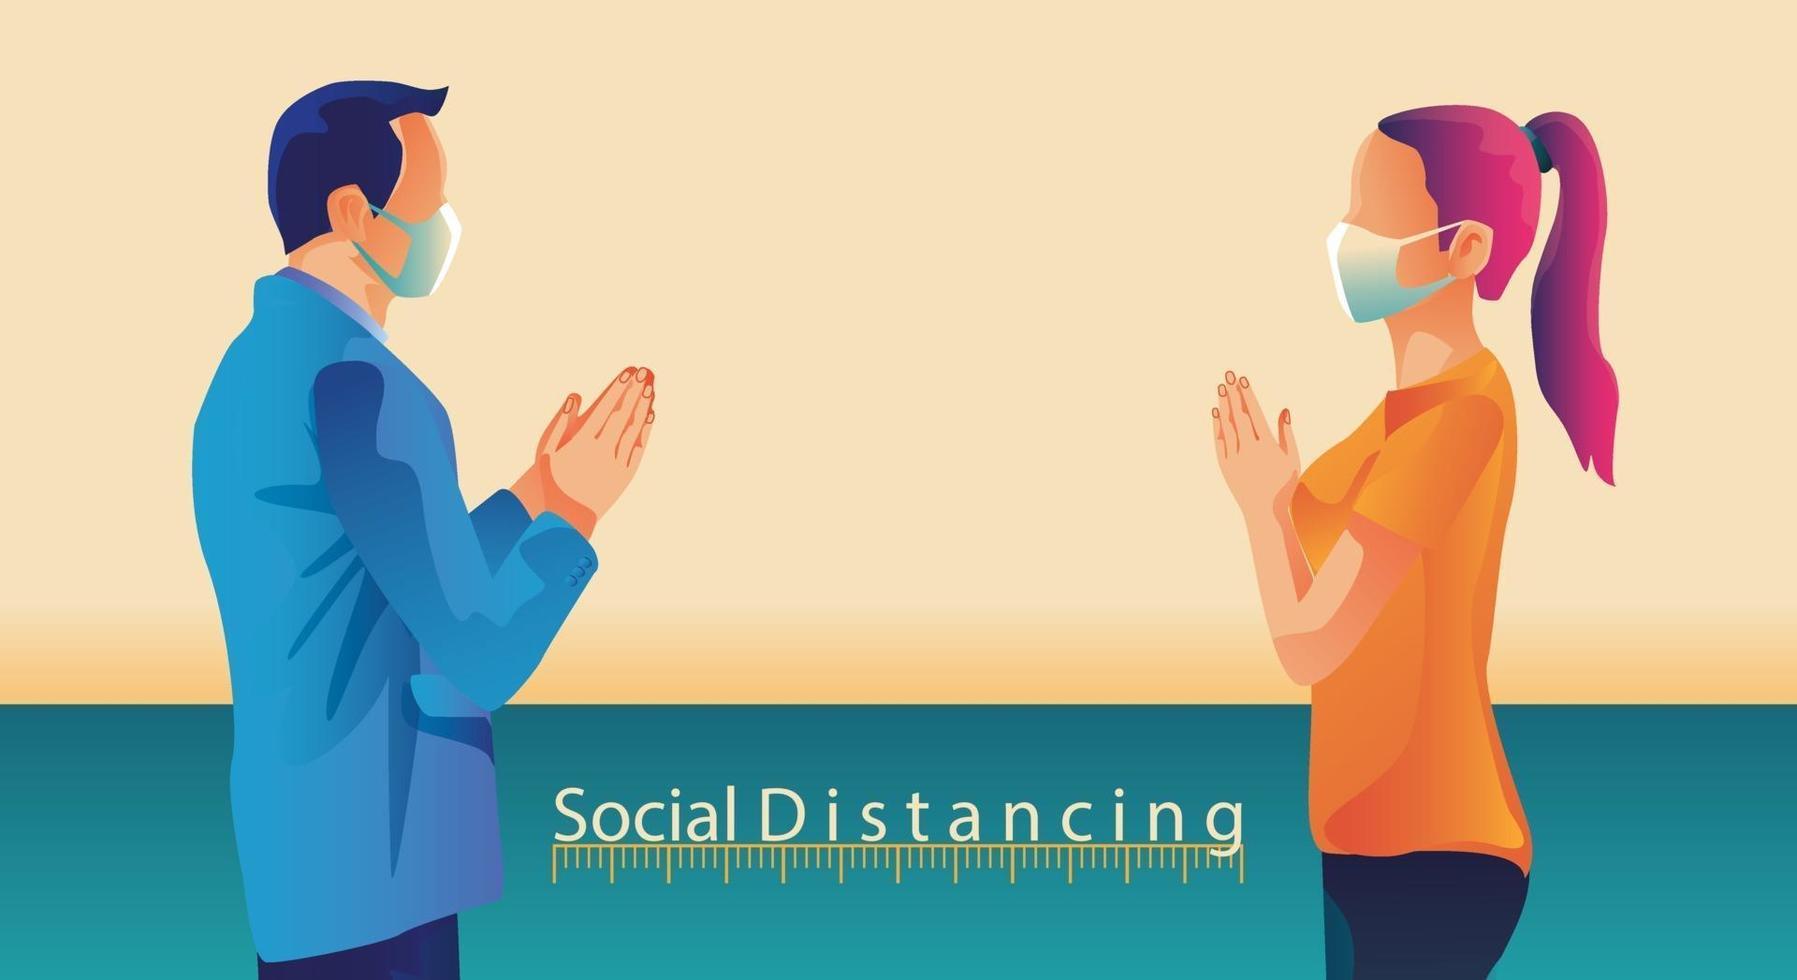 distanciamento social, as pessoas mantêm distância e evitam o contato físico, aperto de mão ou toque de mão para se proteger do conceito de disseminação do coronavírus covid-19, as pessoas estão usando a saudação da Tailândia de sawasdee vetor